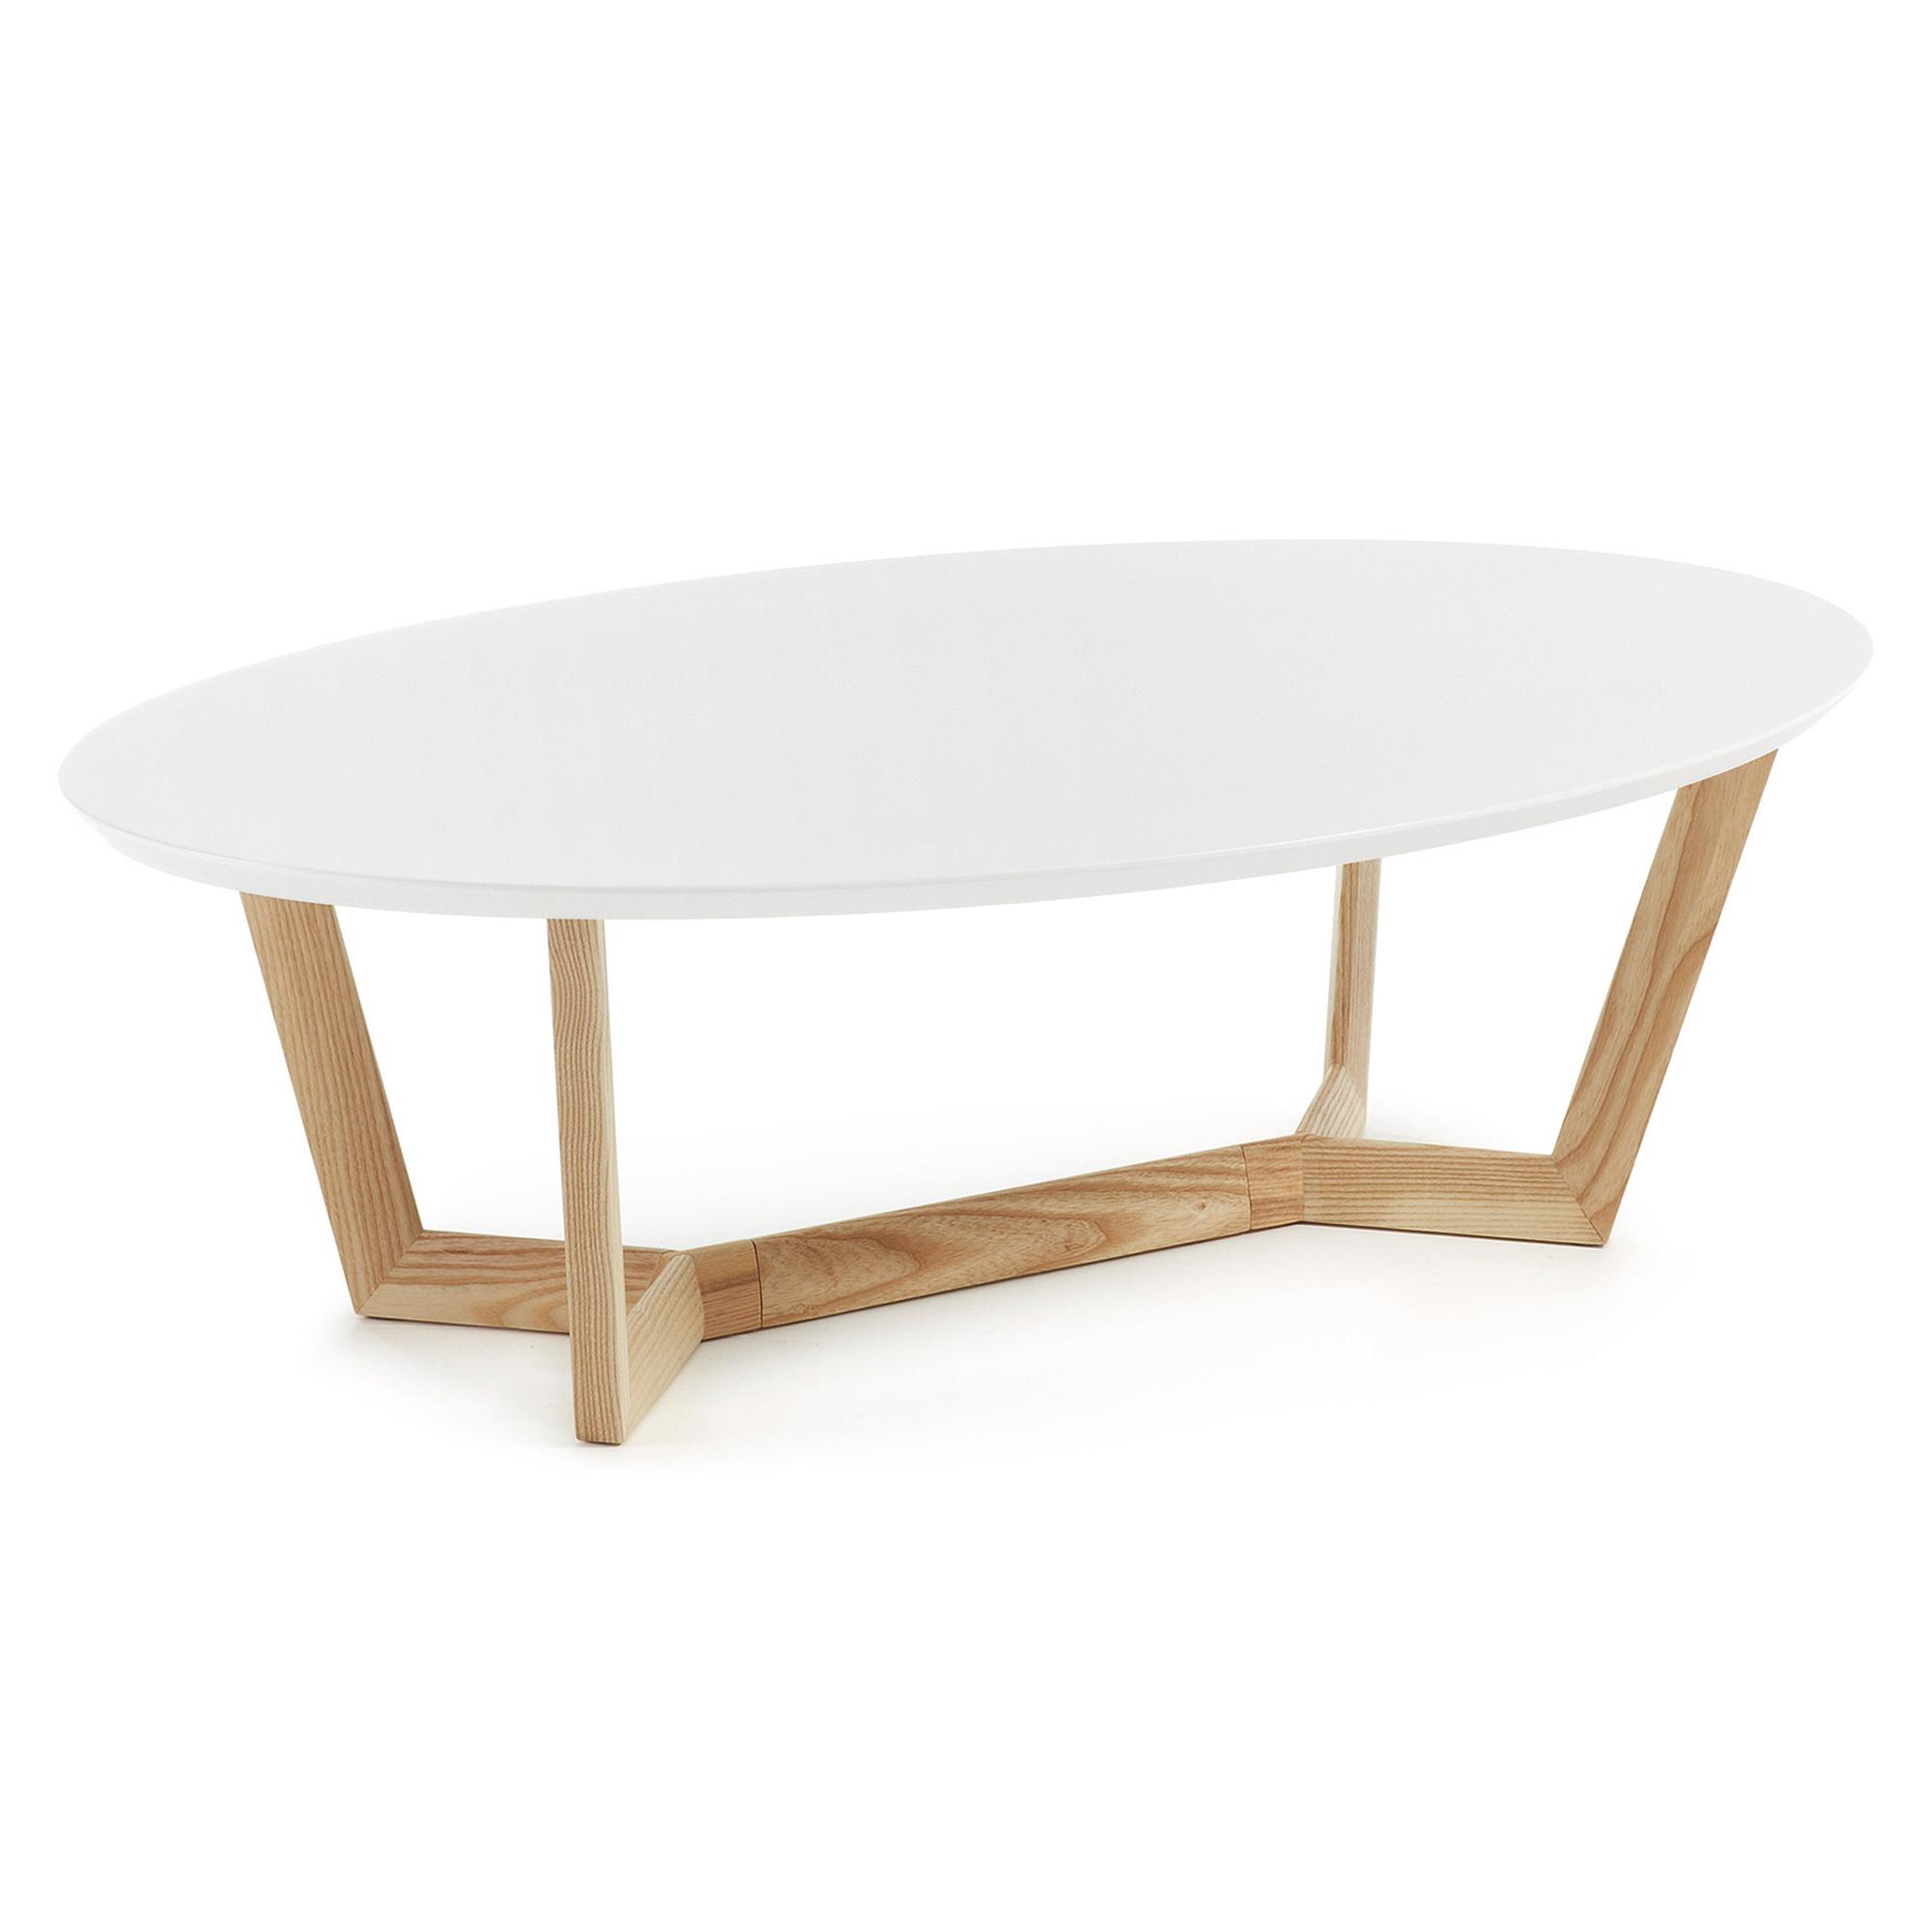 Laforma surf sofabord - hvid/natur træ, oval (120x70) fra laforma på boboonline.dk